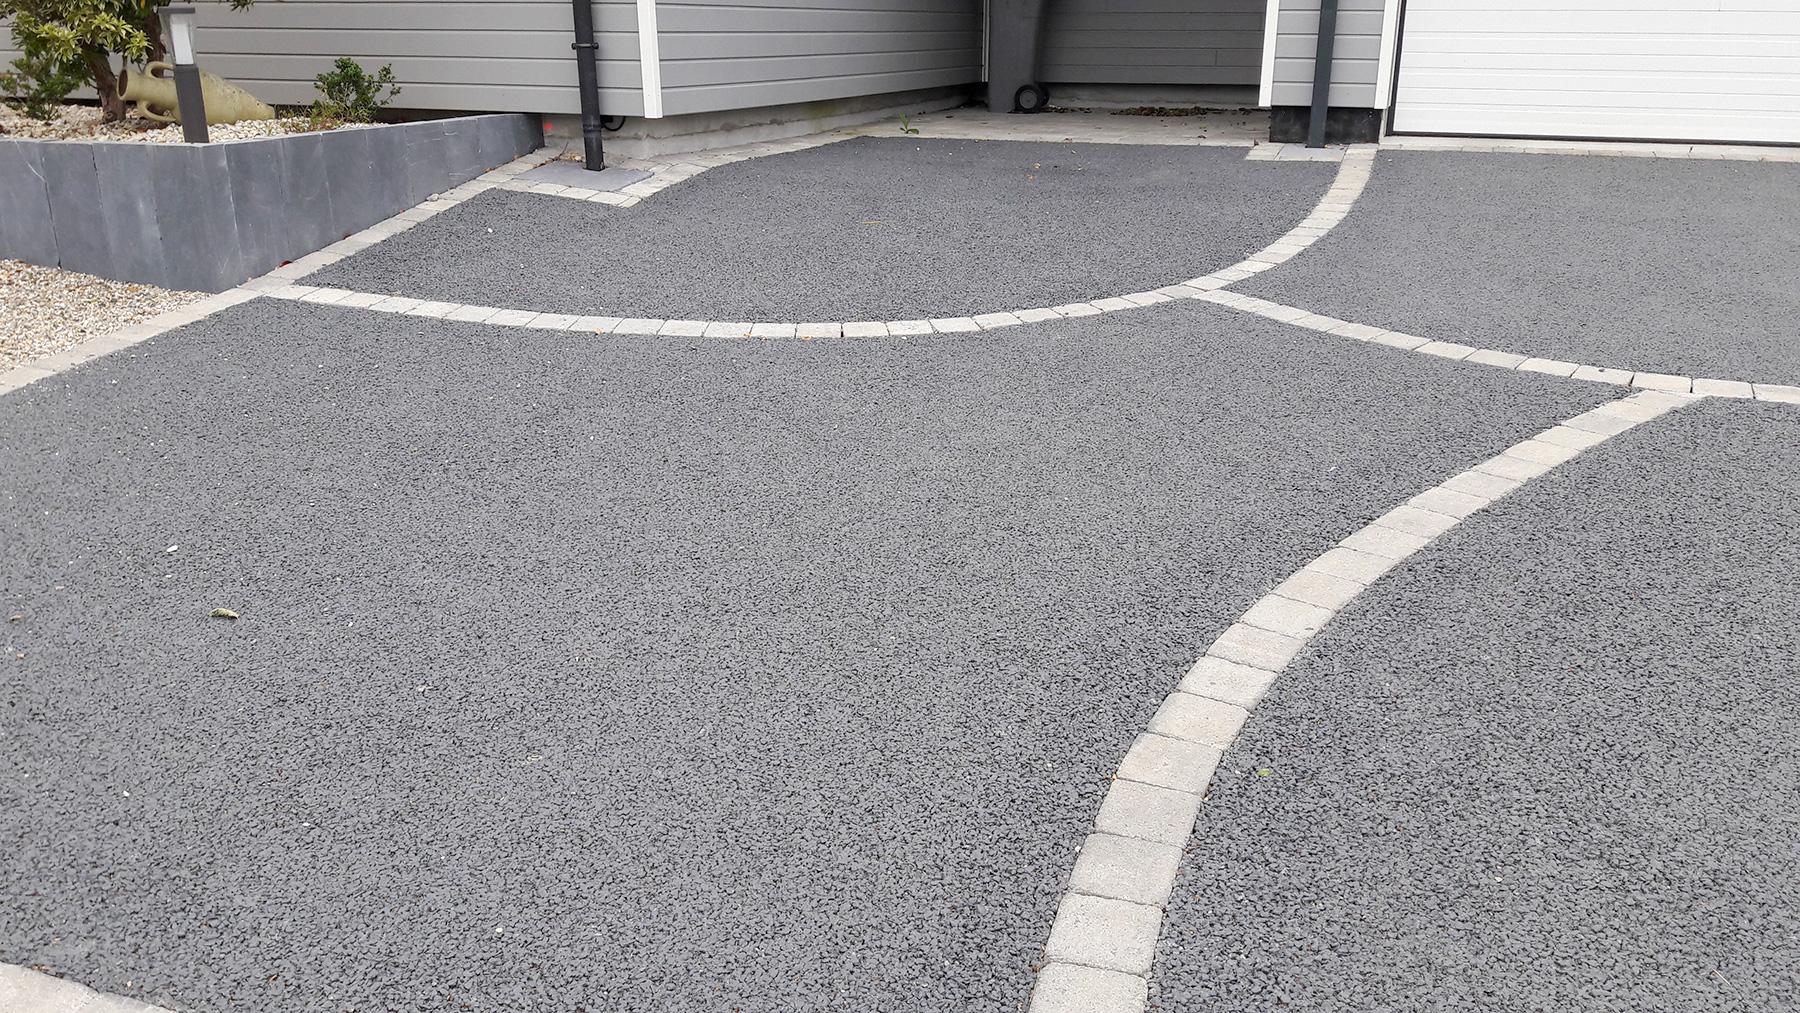 Allee En Beton Drainant aménagement de cour en béton drainant | paysages conseil